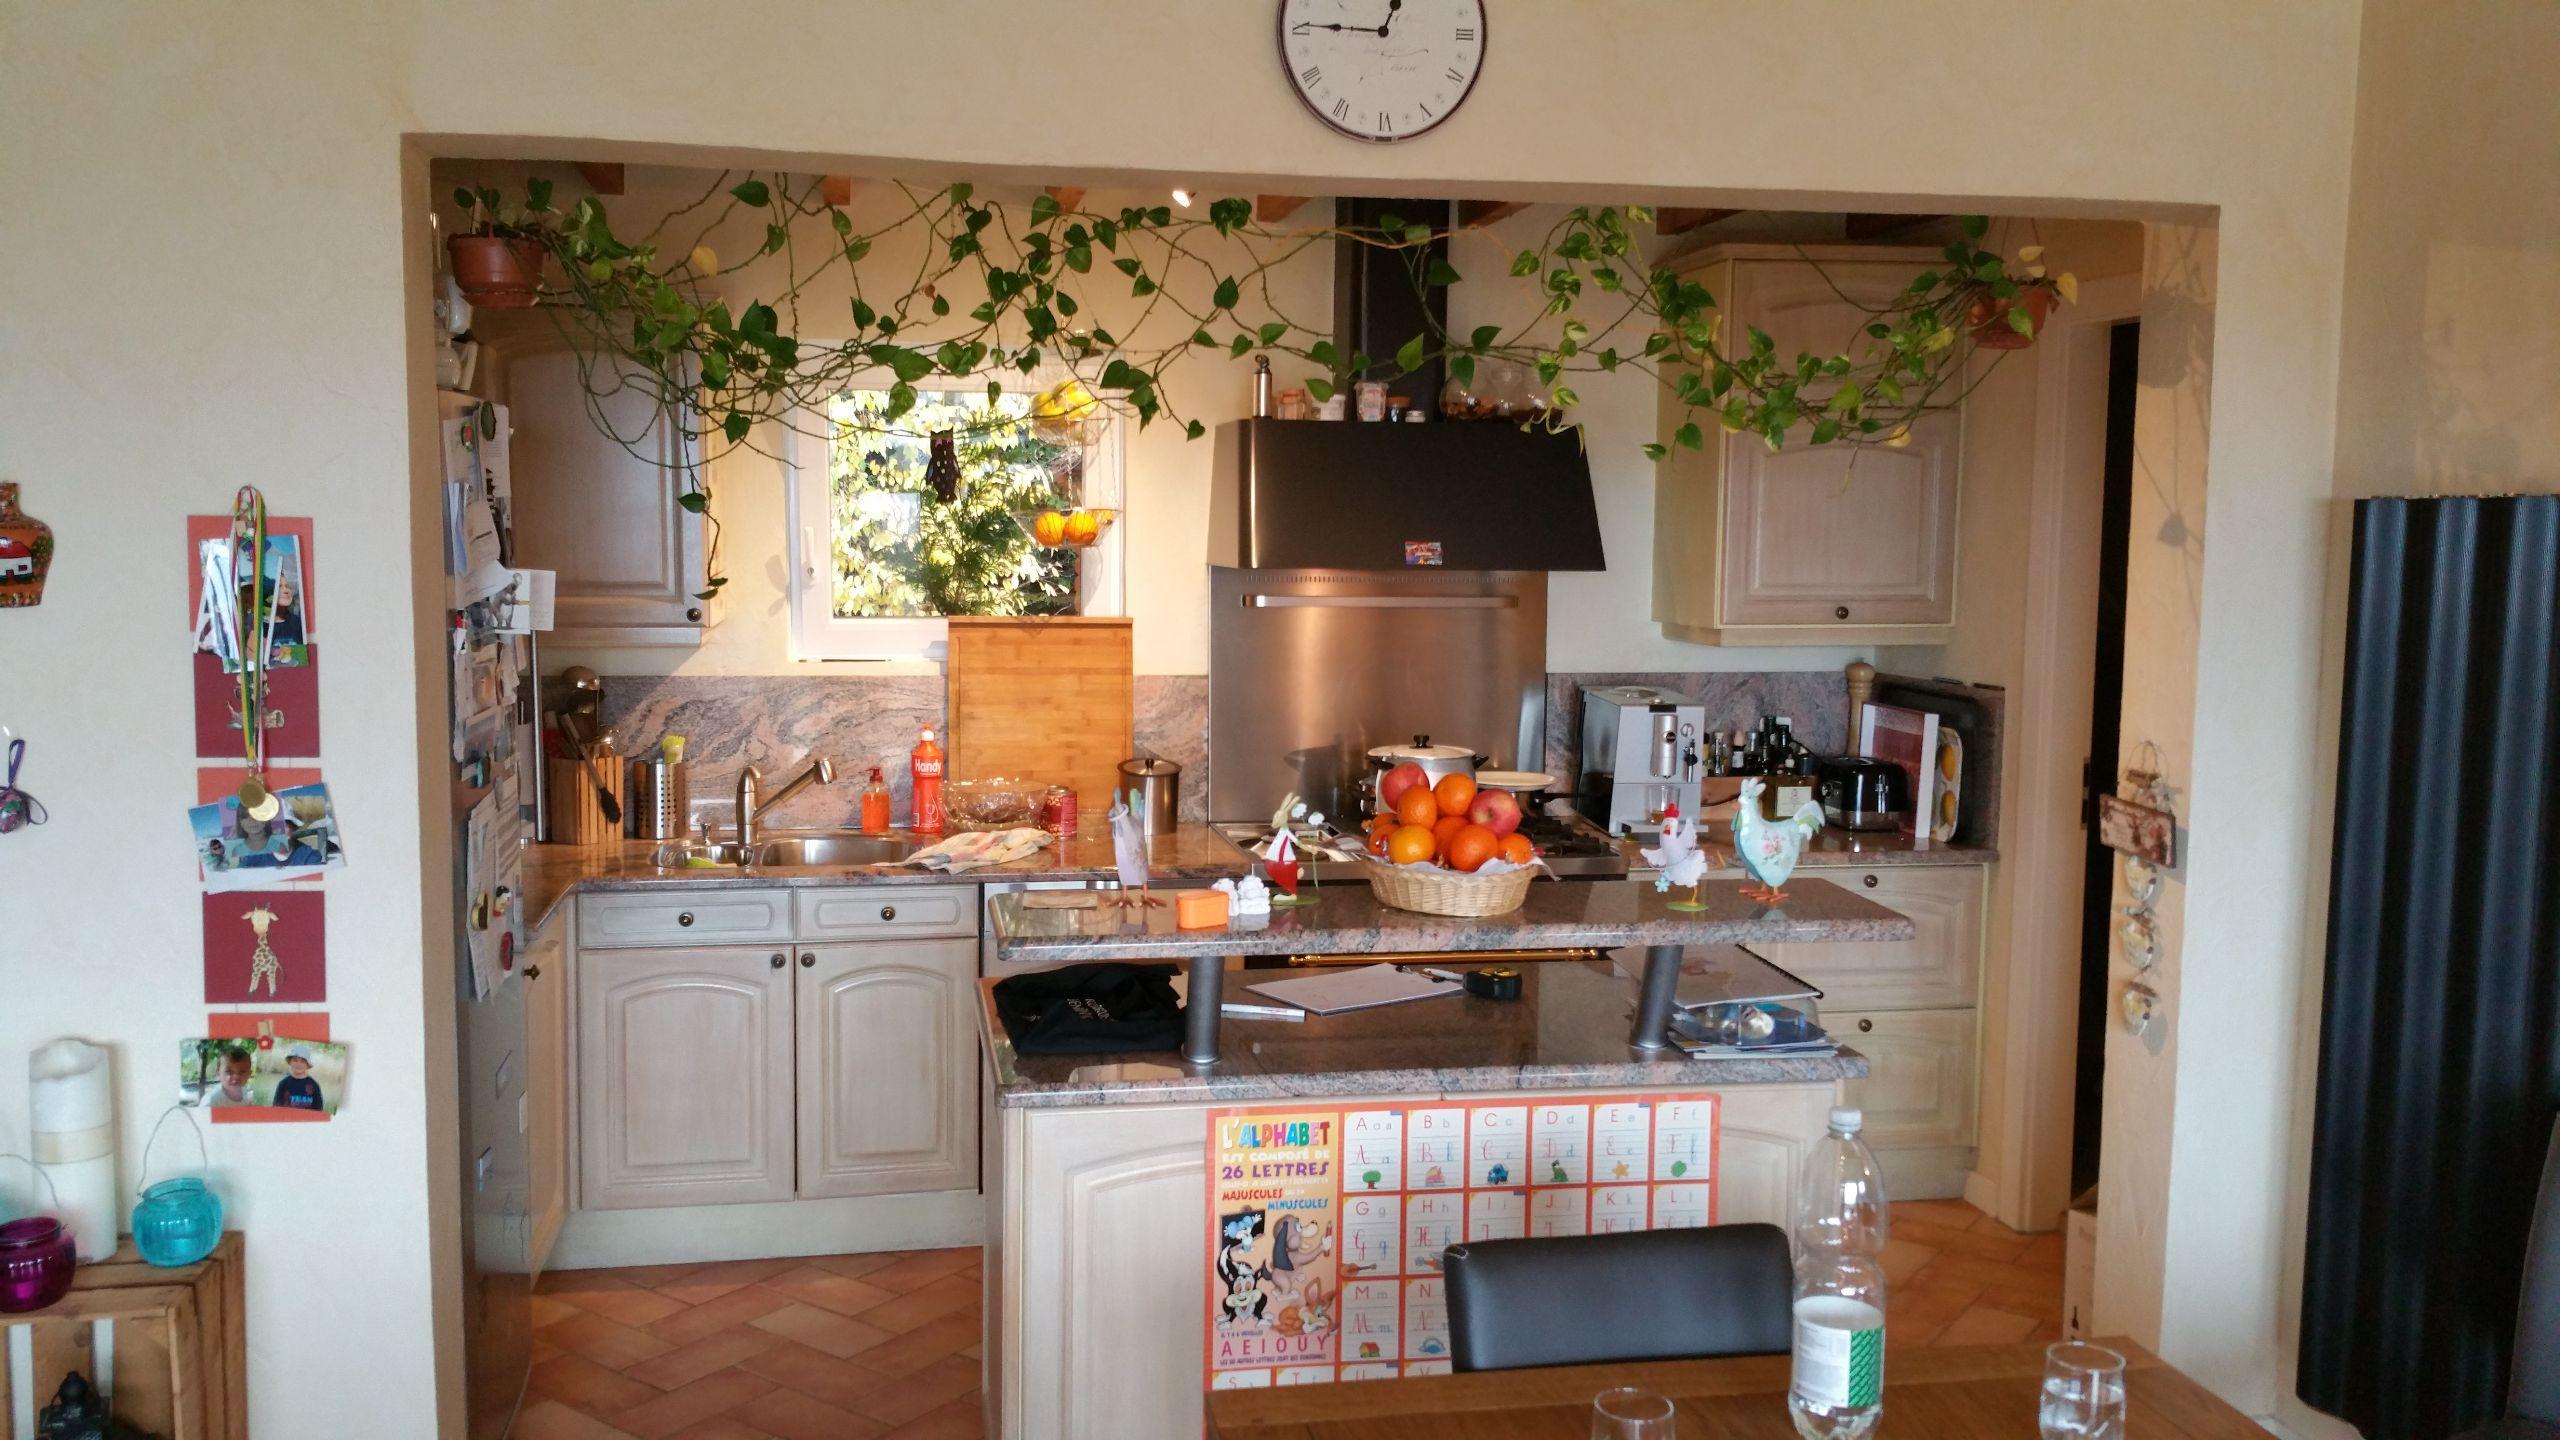 renovieren ? bilder & ideen ? couchstyle - Ideen Zum Renovieren Wohnzimmer